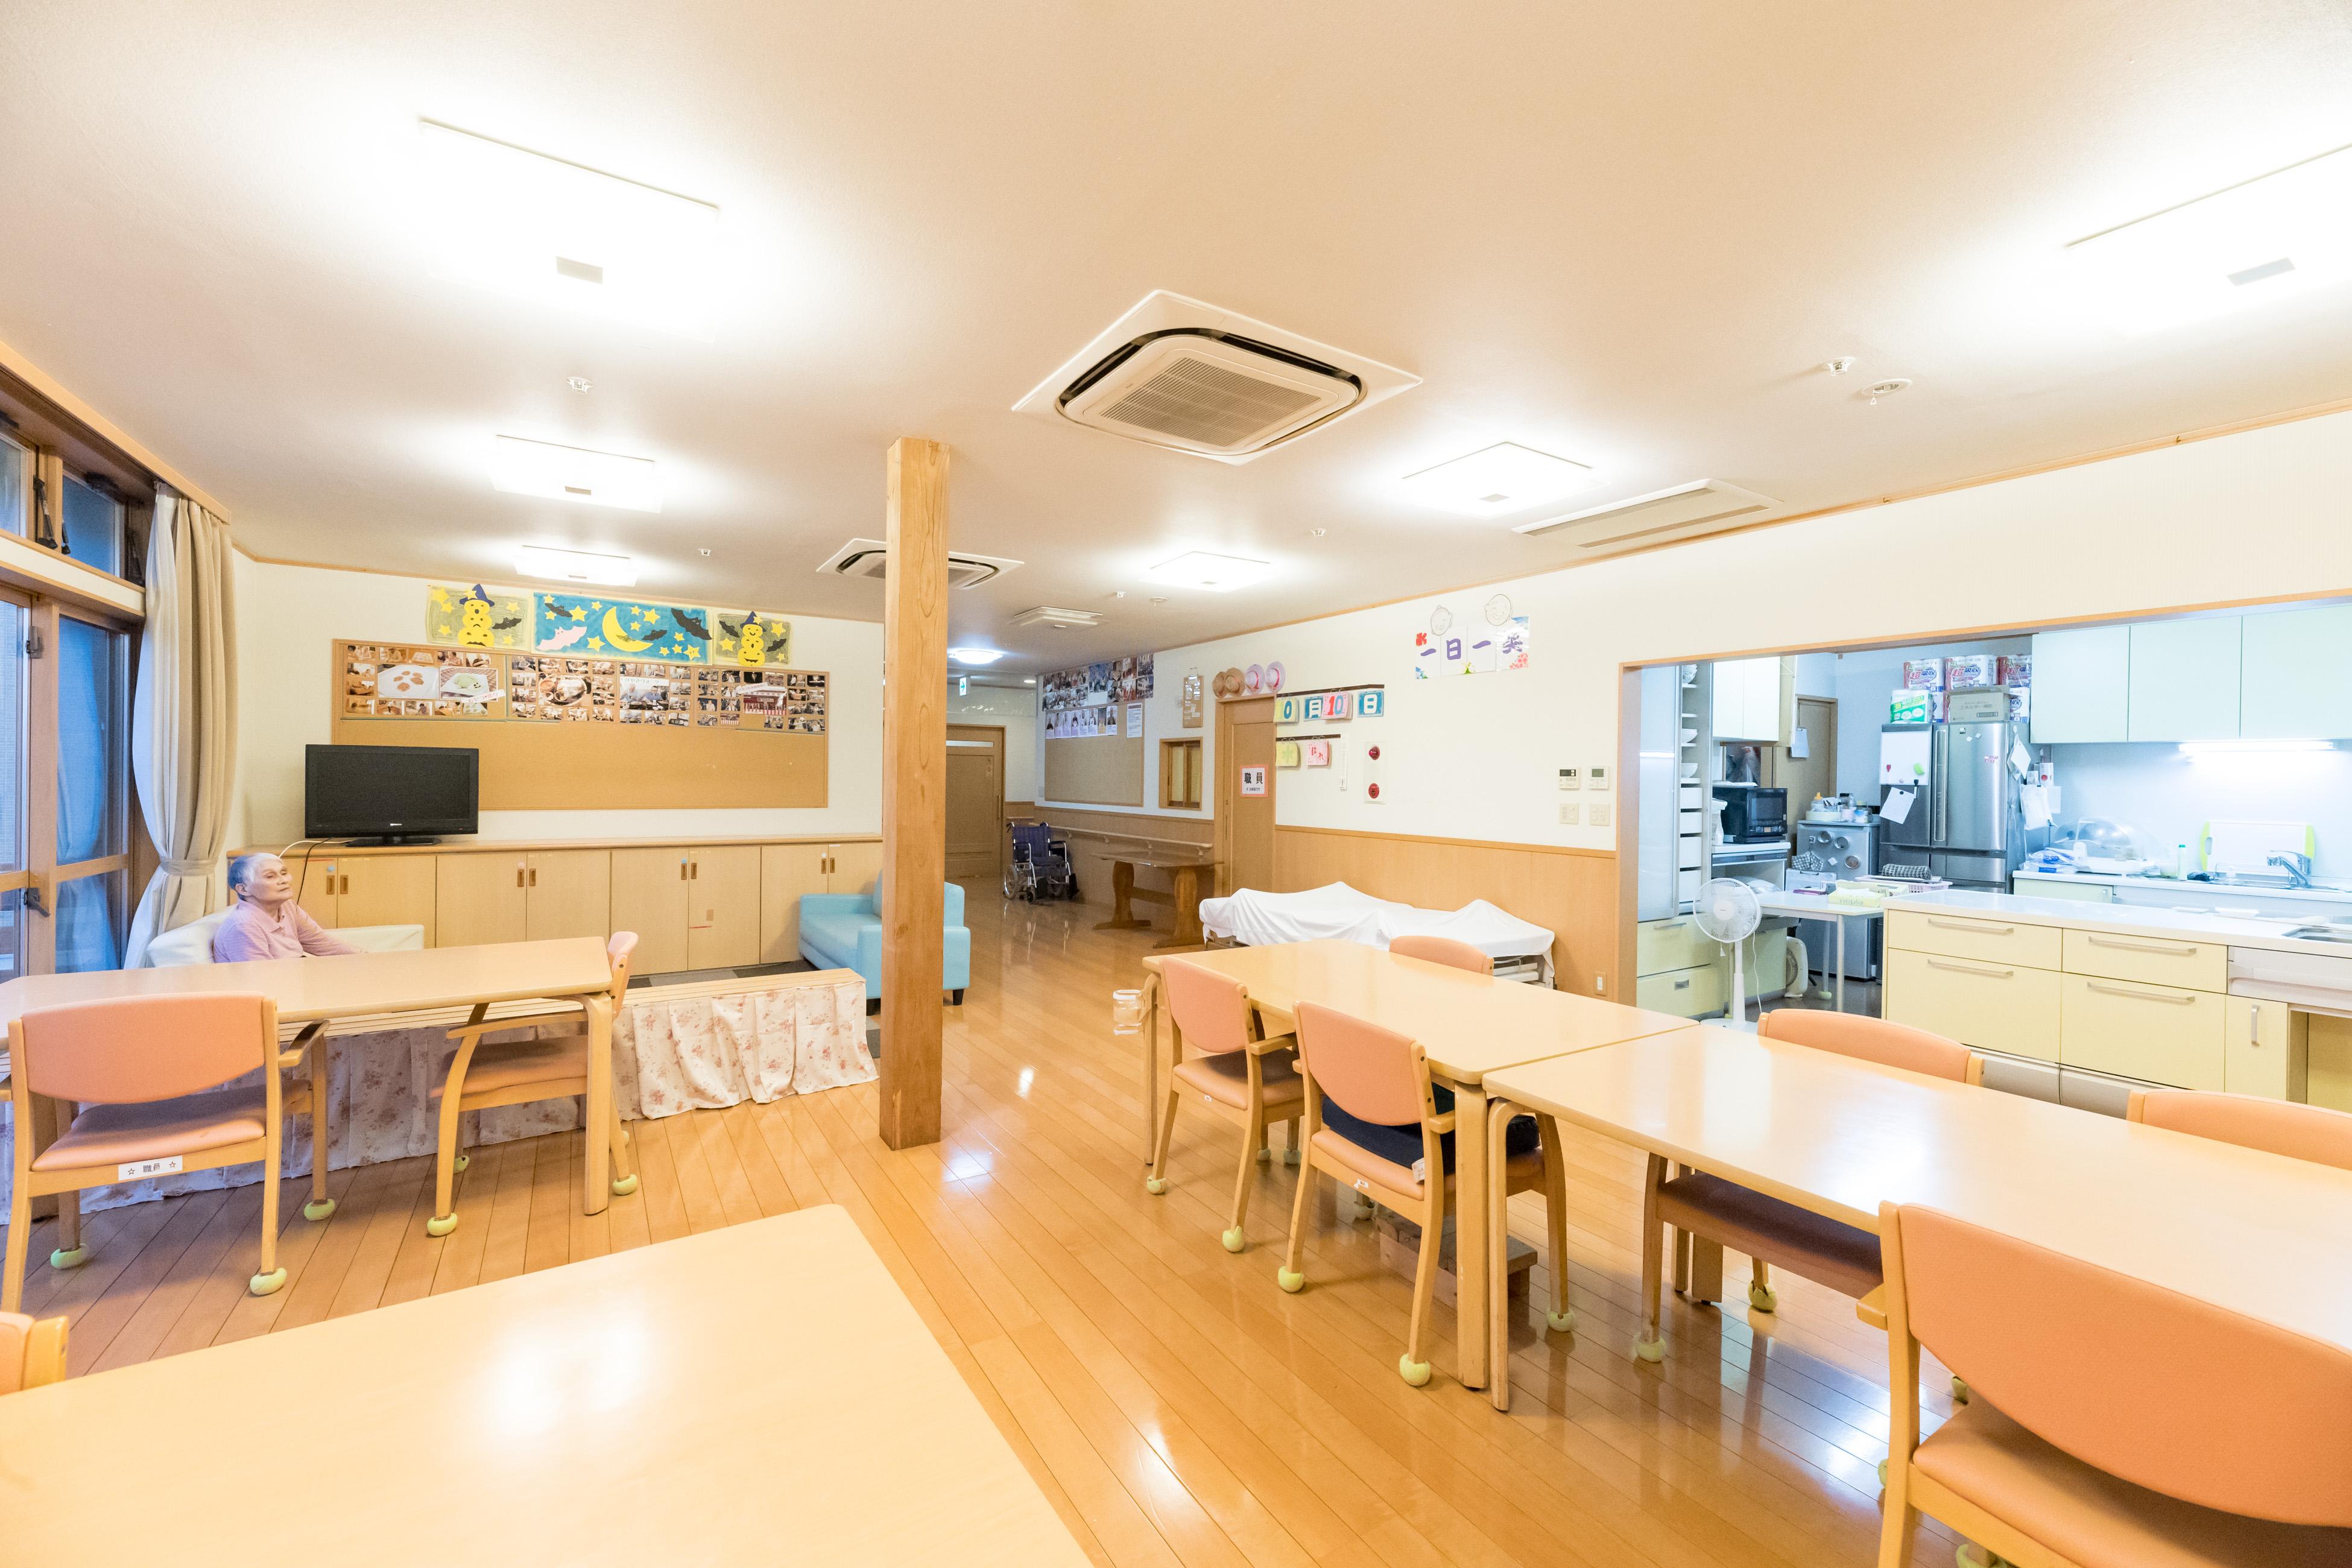 ホール&キッチン